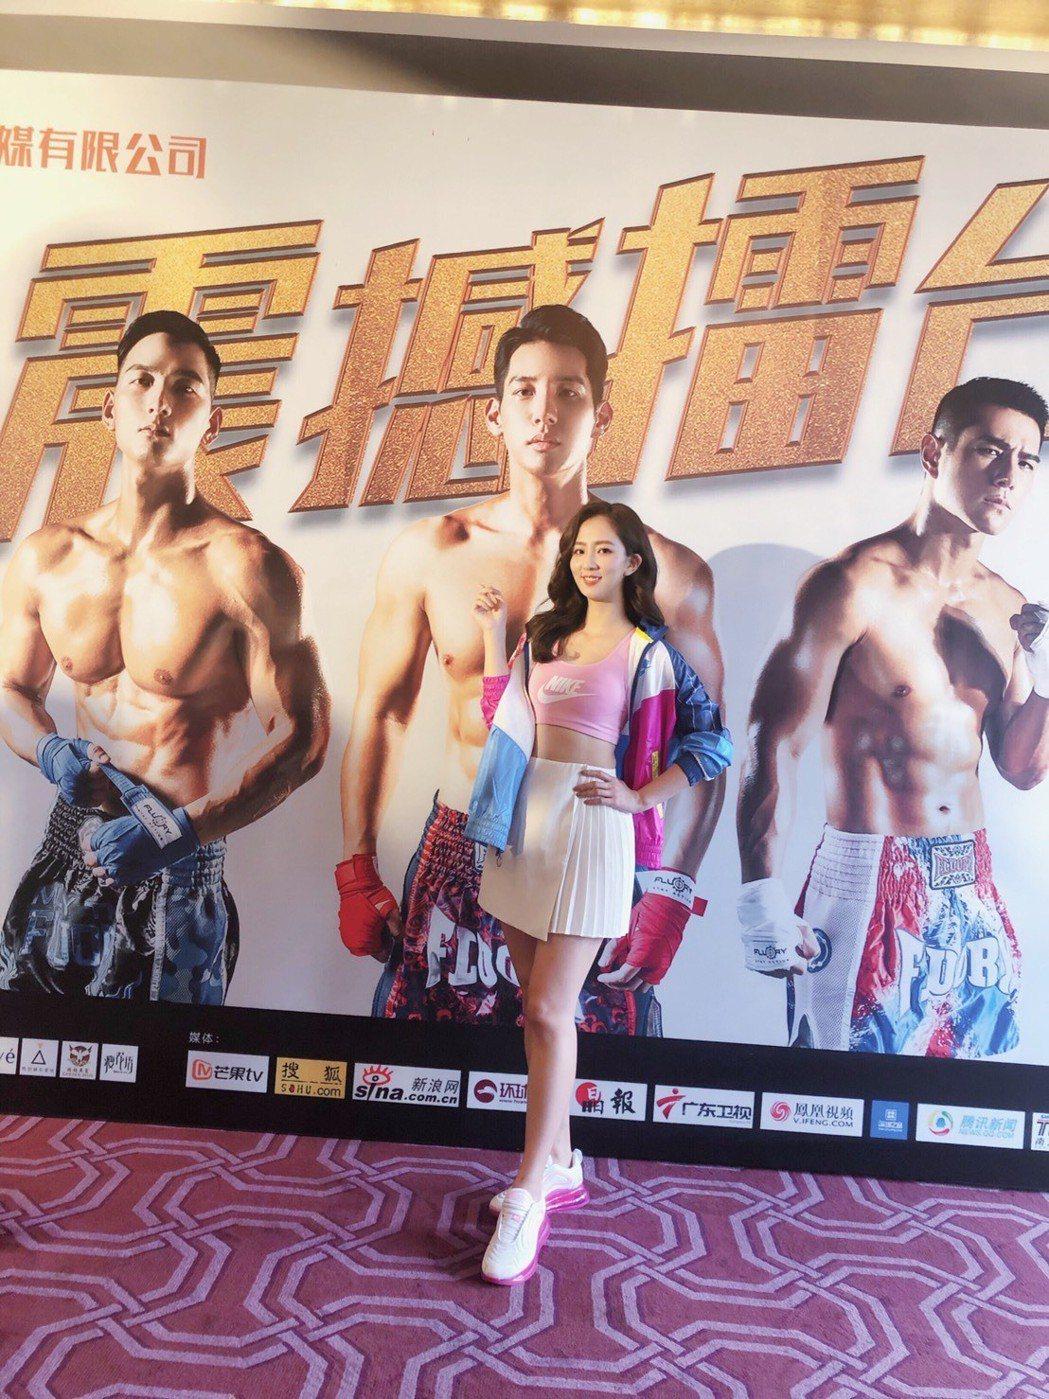 周曉涵出席新片「震撼擂台」發布會。圖/深圳喵星人傳媒提供